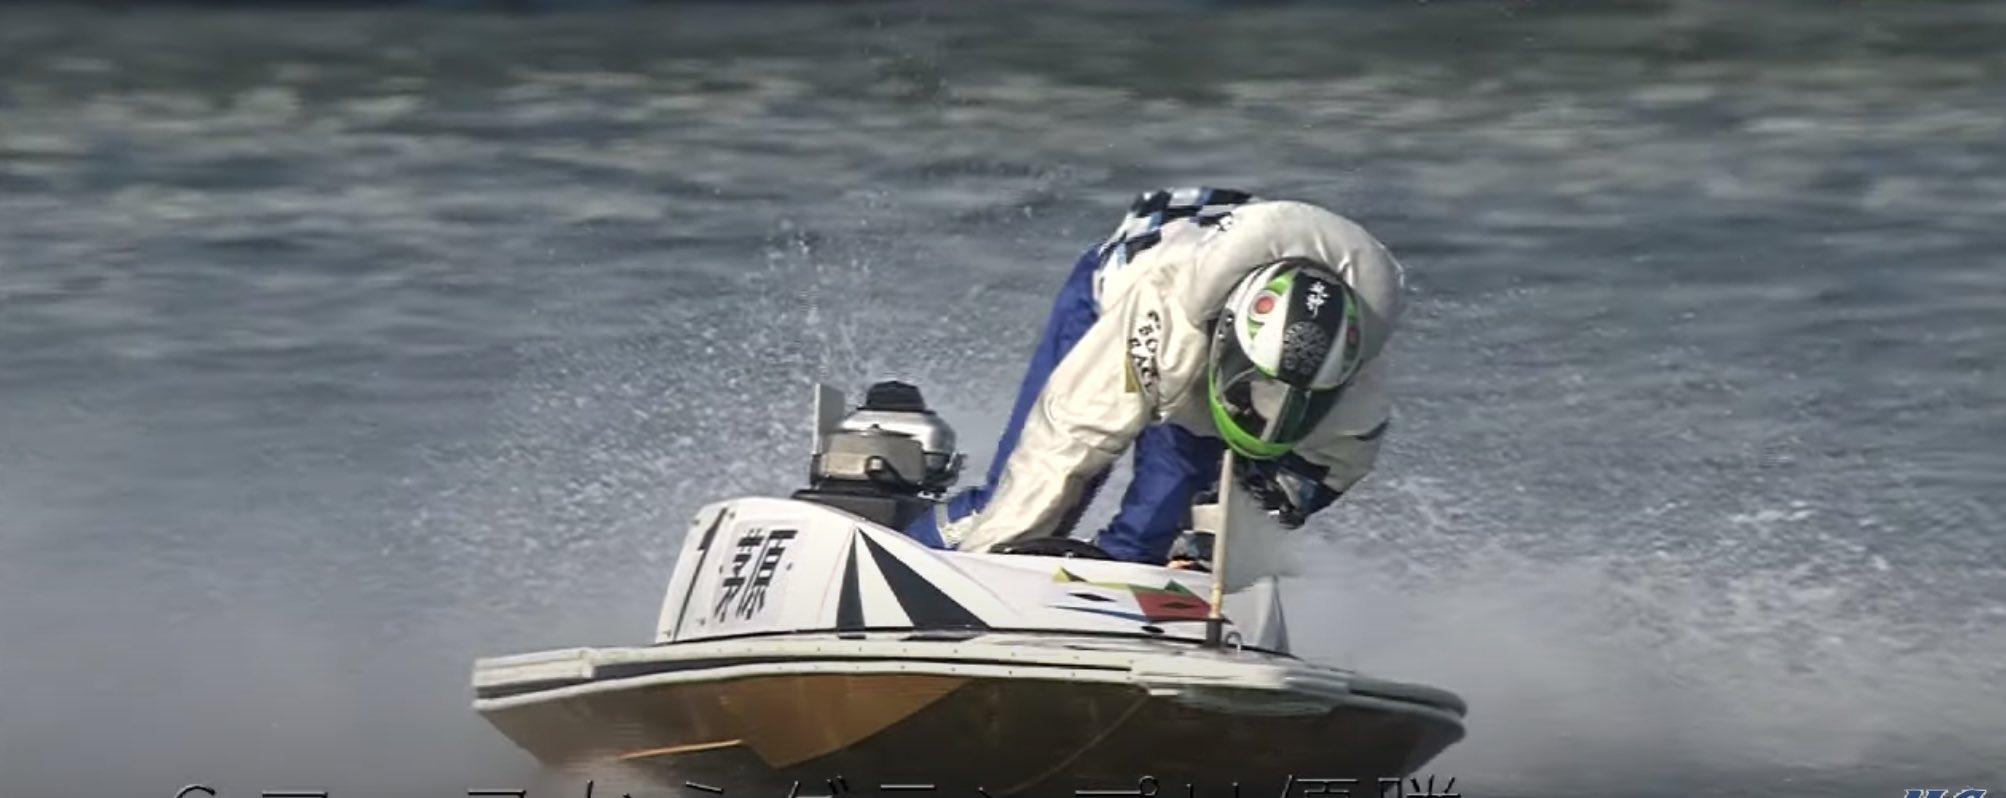 競艇ボートレーサーの茅原悠紀選手のターンがかっこいい